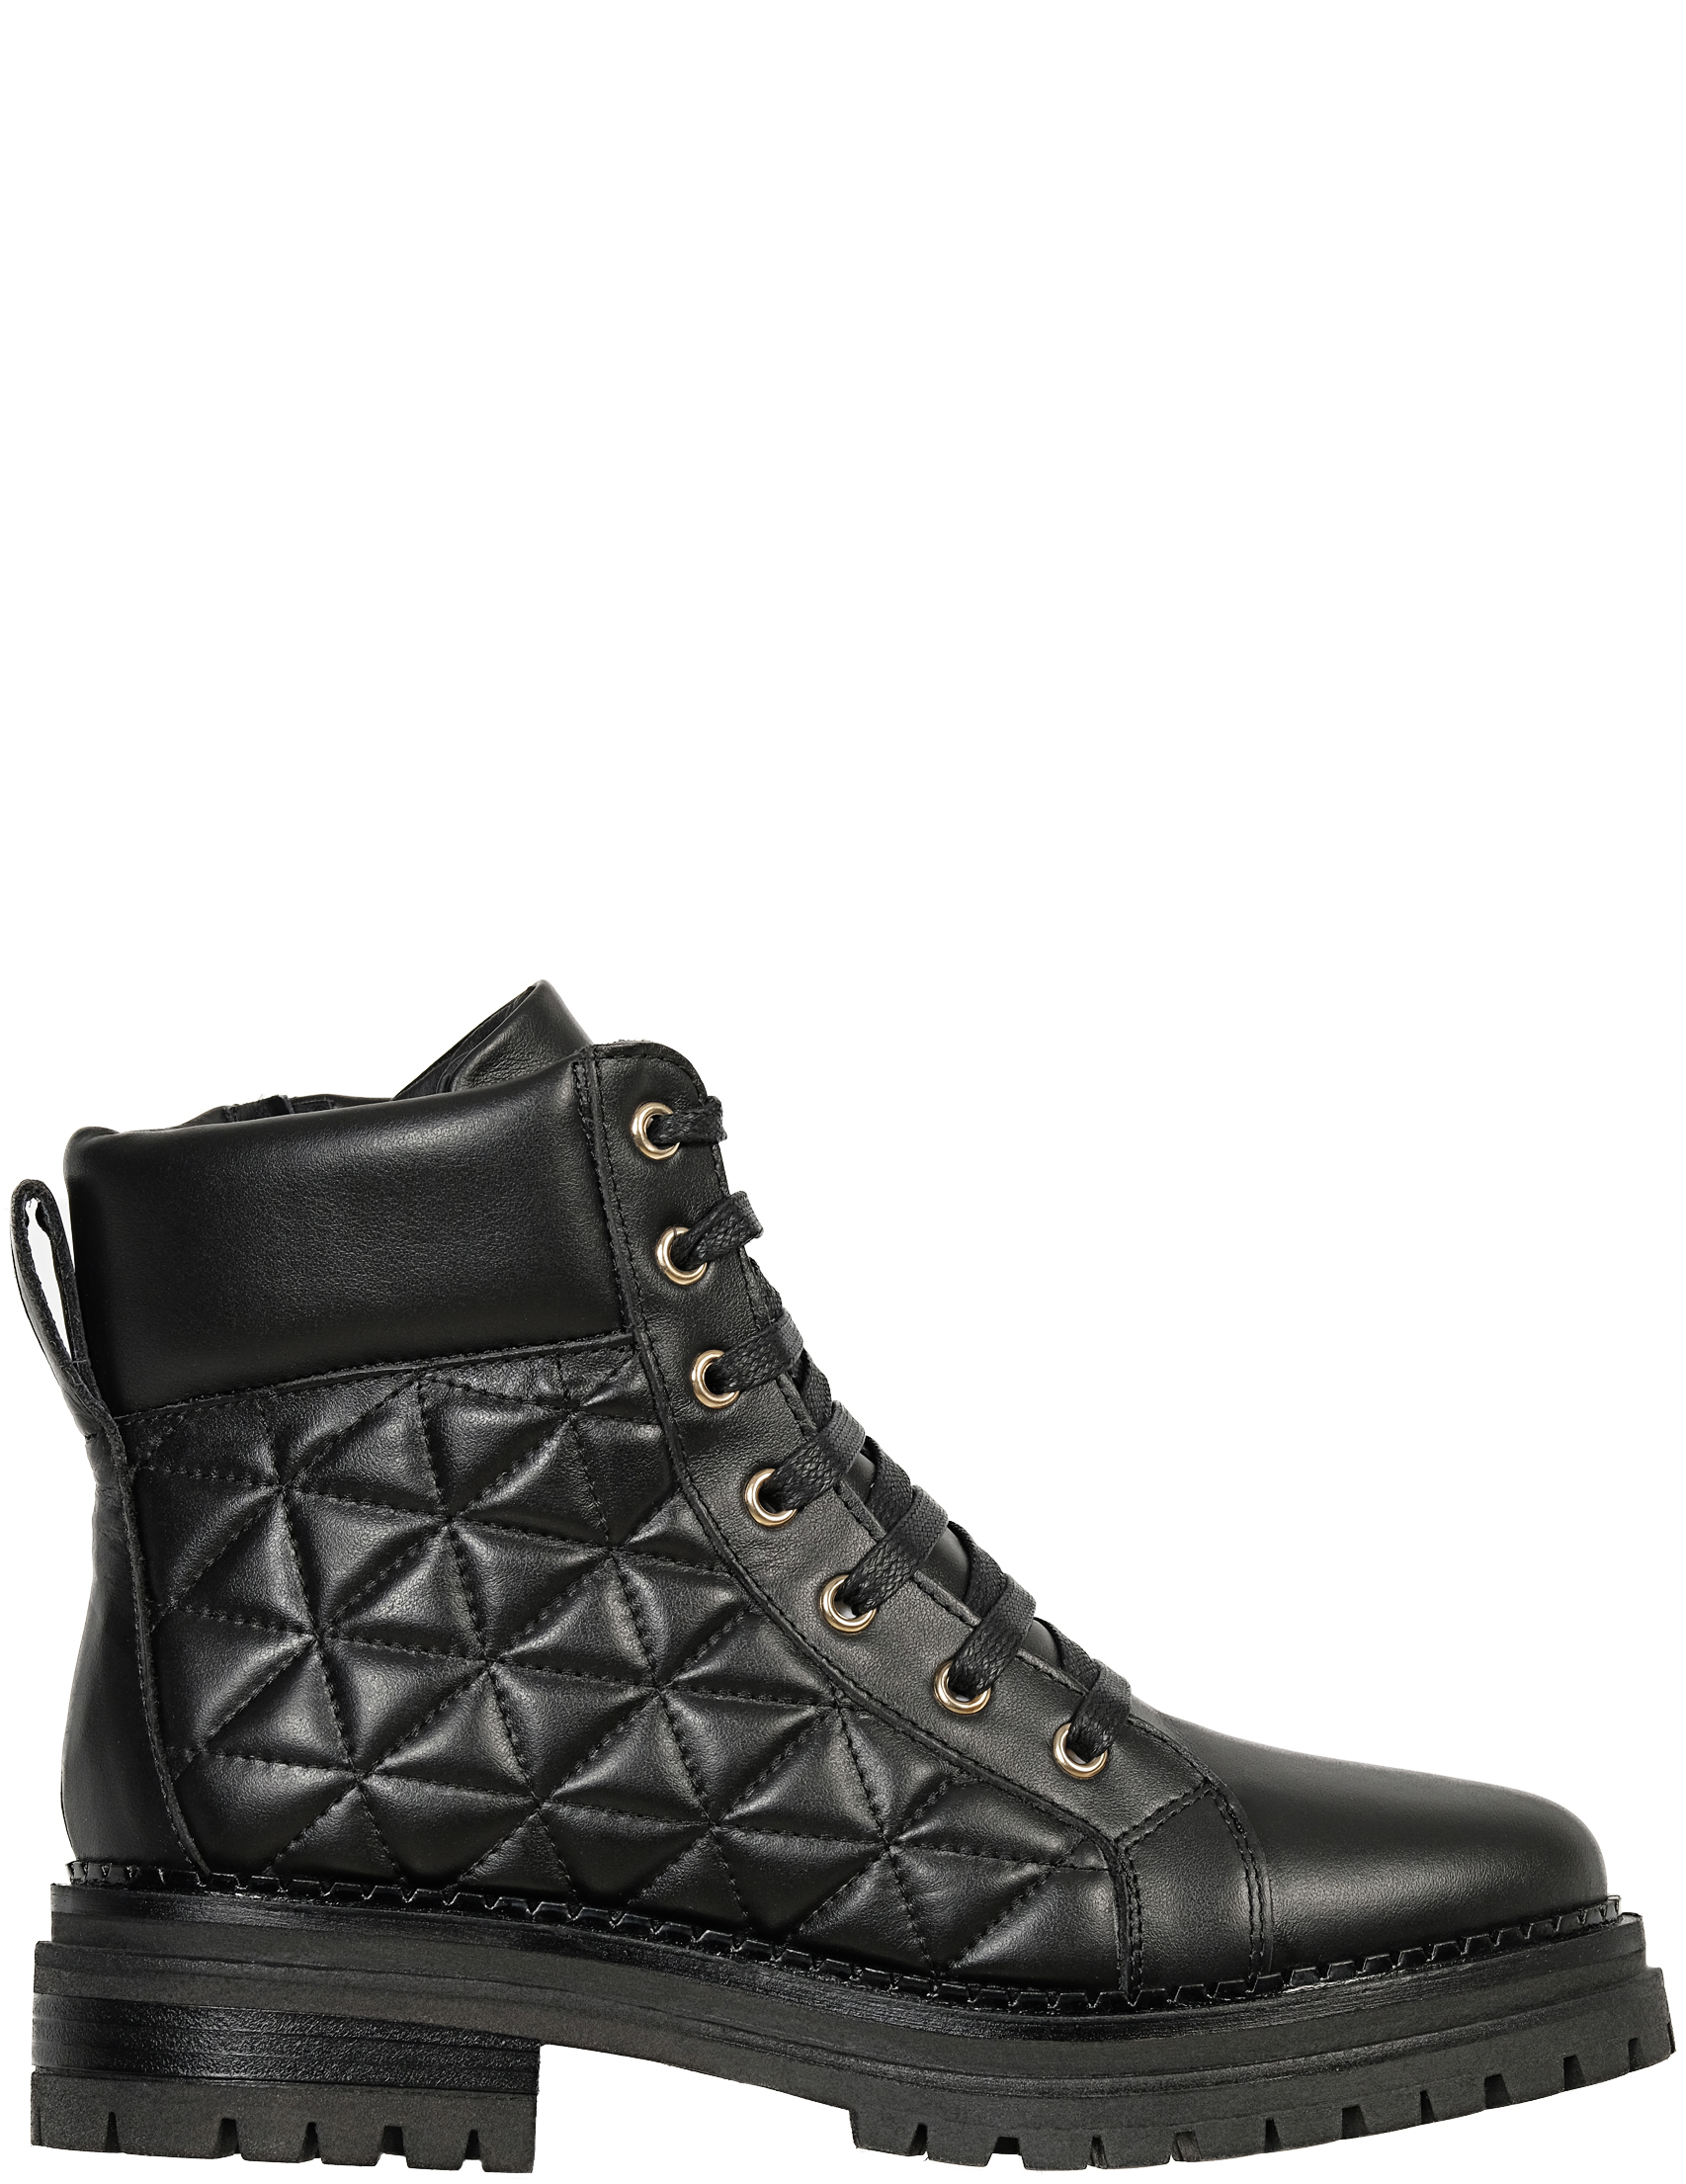 Купить Ботинки, STOKTON, Черный, 100%Кожа, Осень-Зима